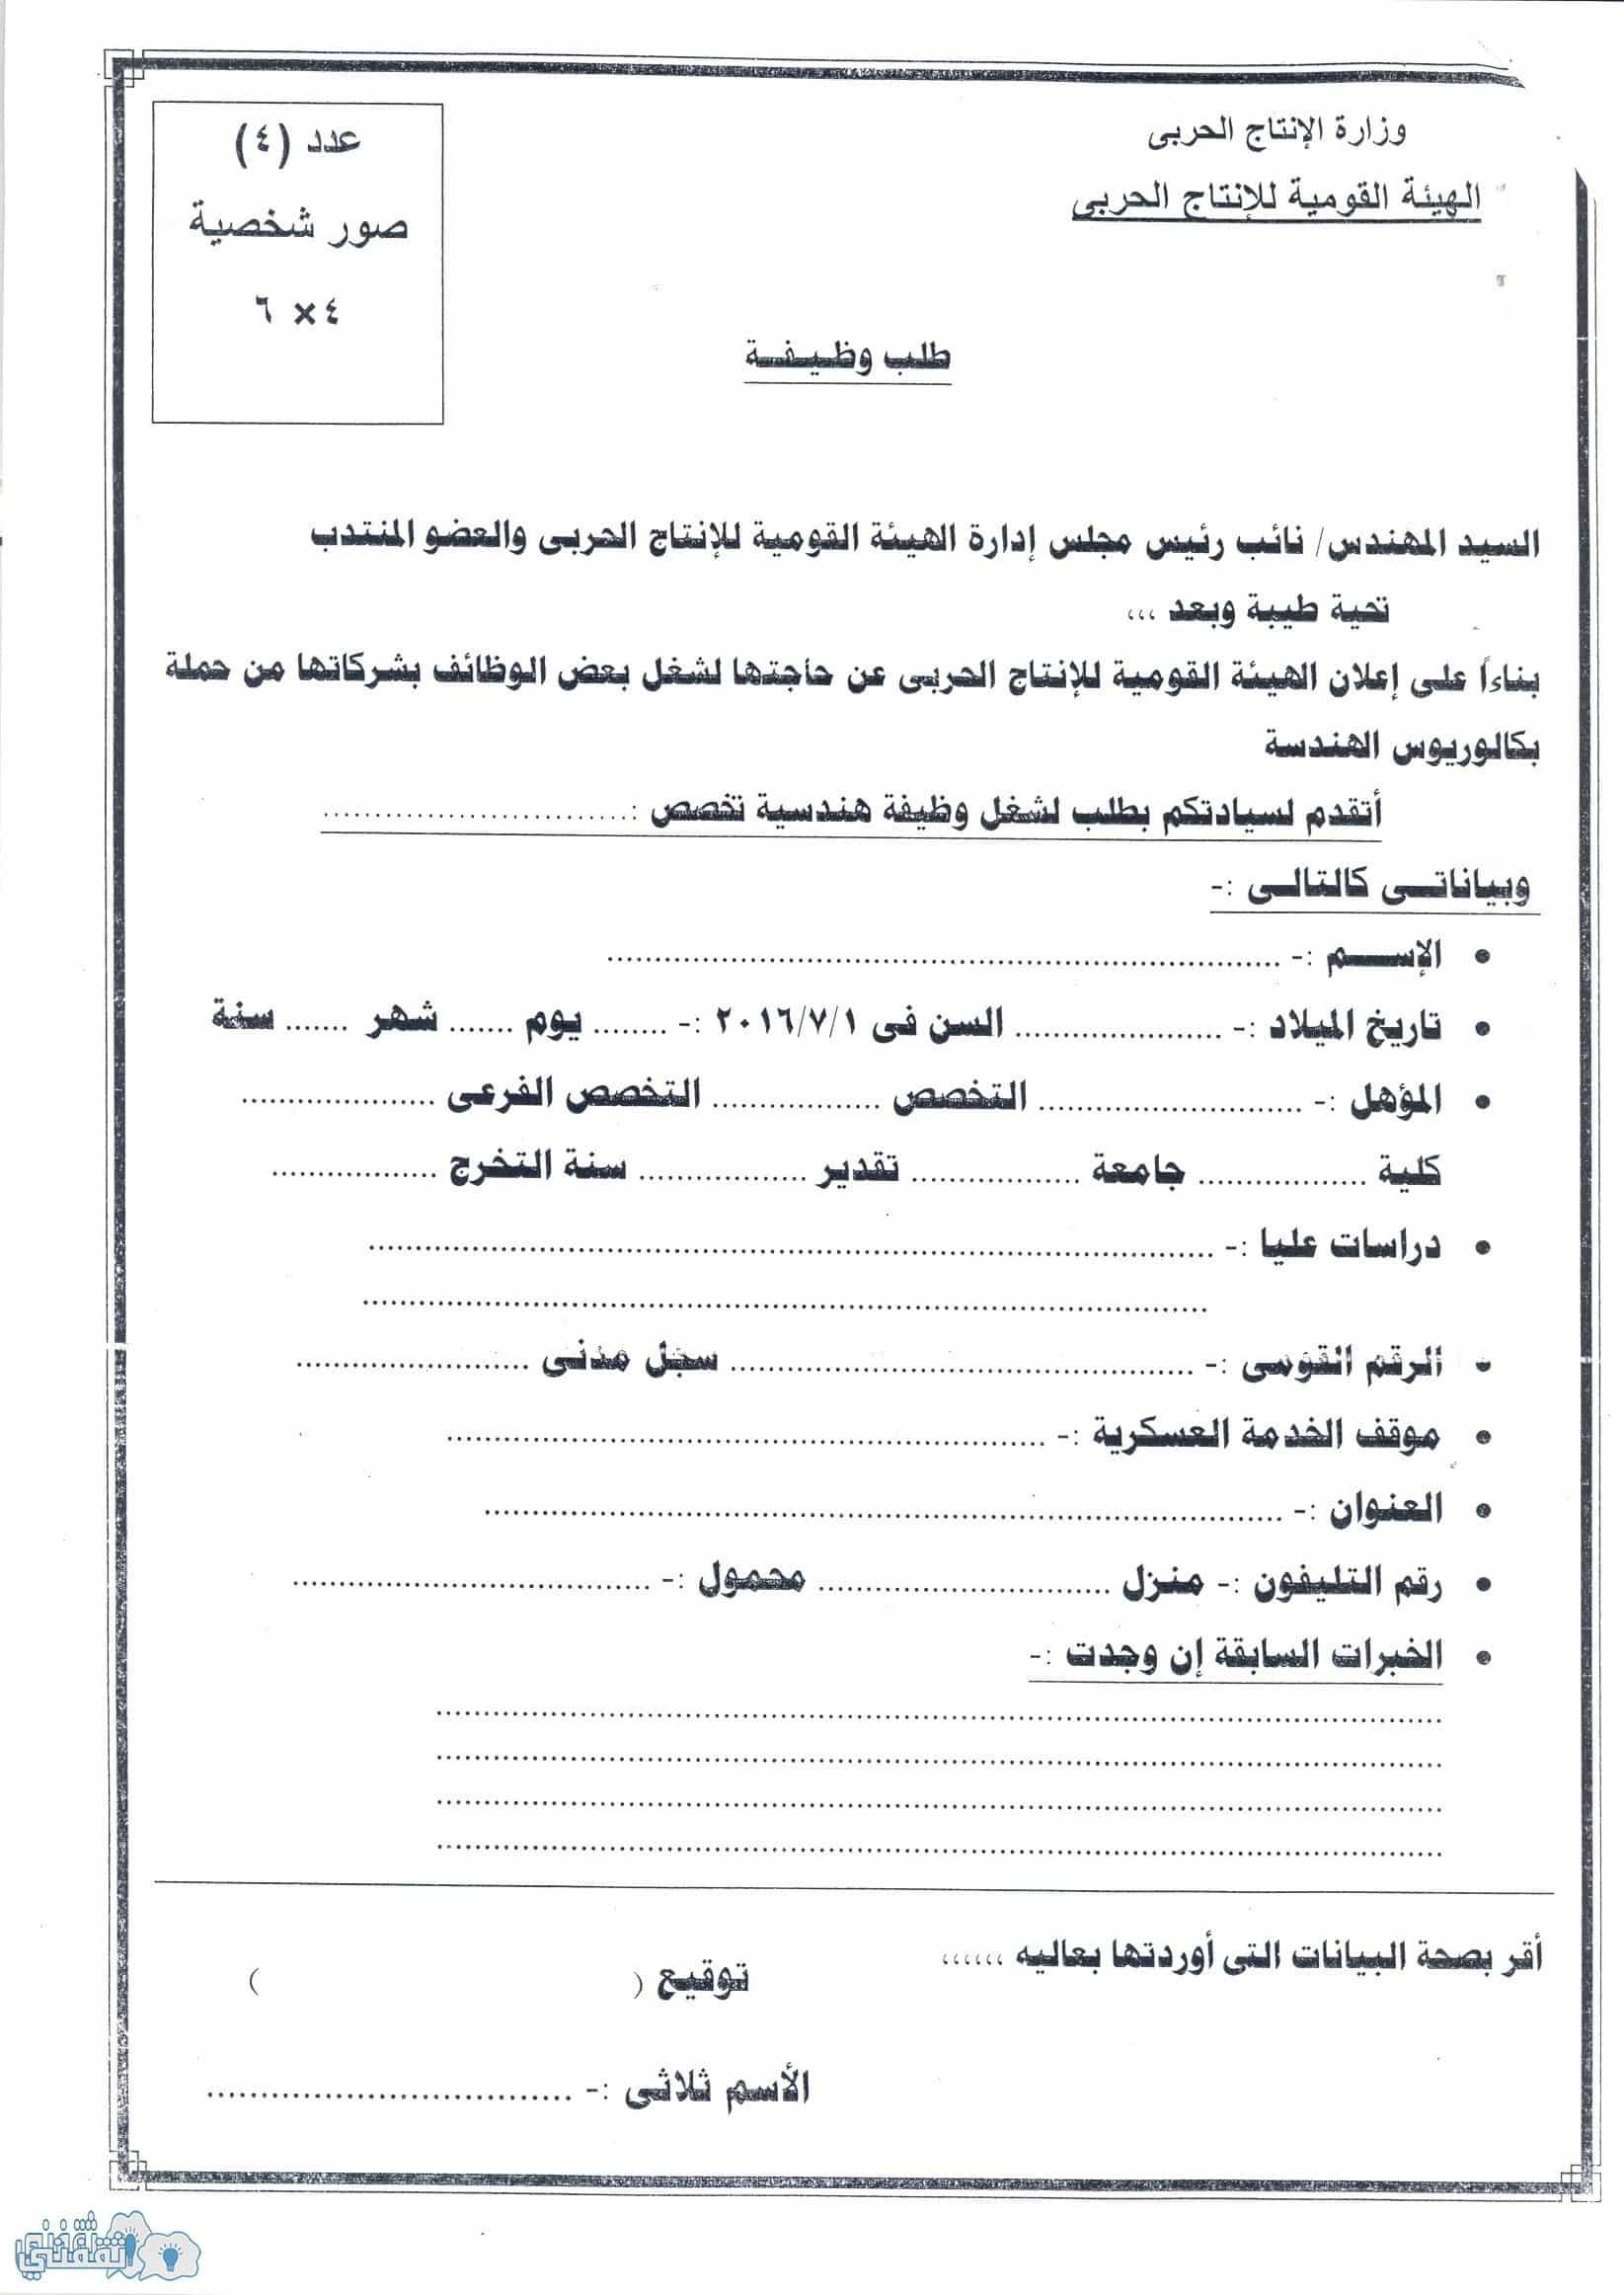 طلب التعيين بوظائف الانتاج الحربي